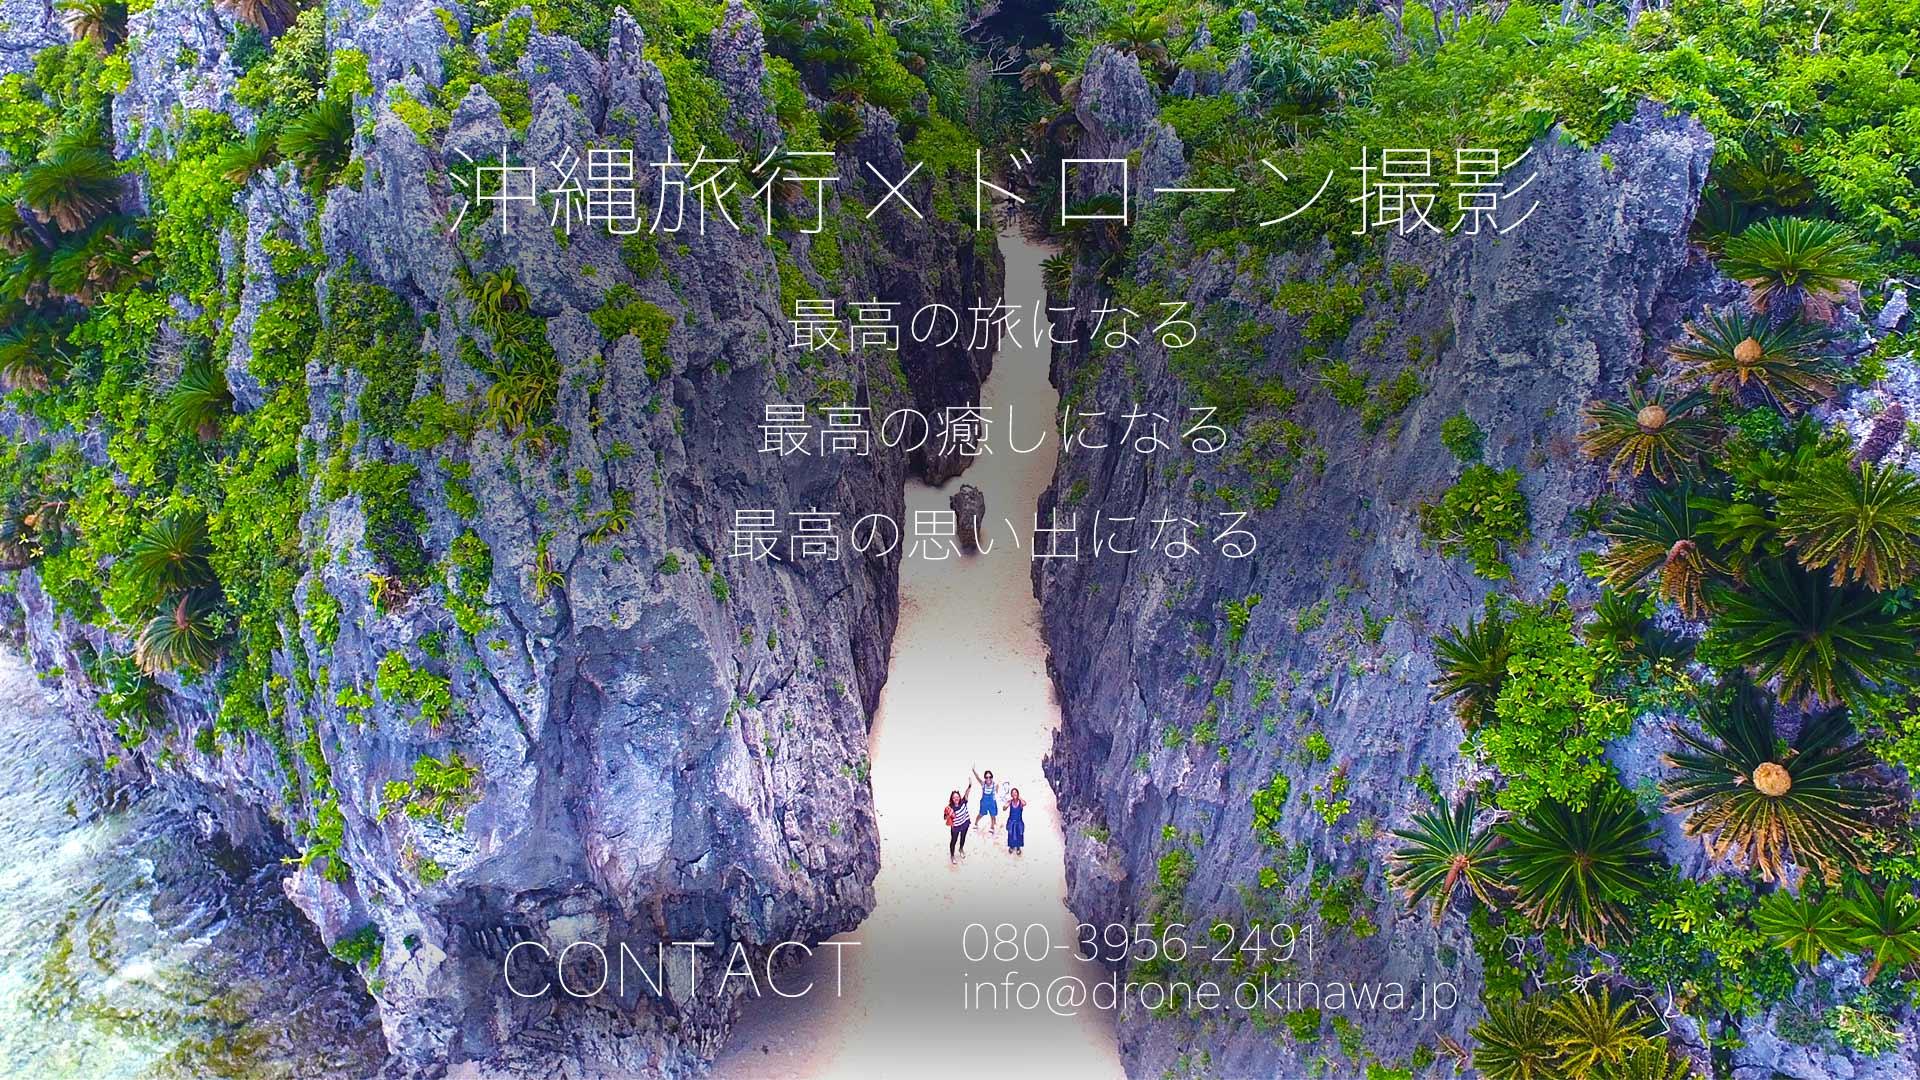 沖縄旅行にドローン撮影を使って感動してもらいたい